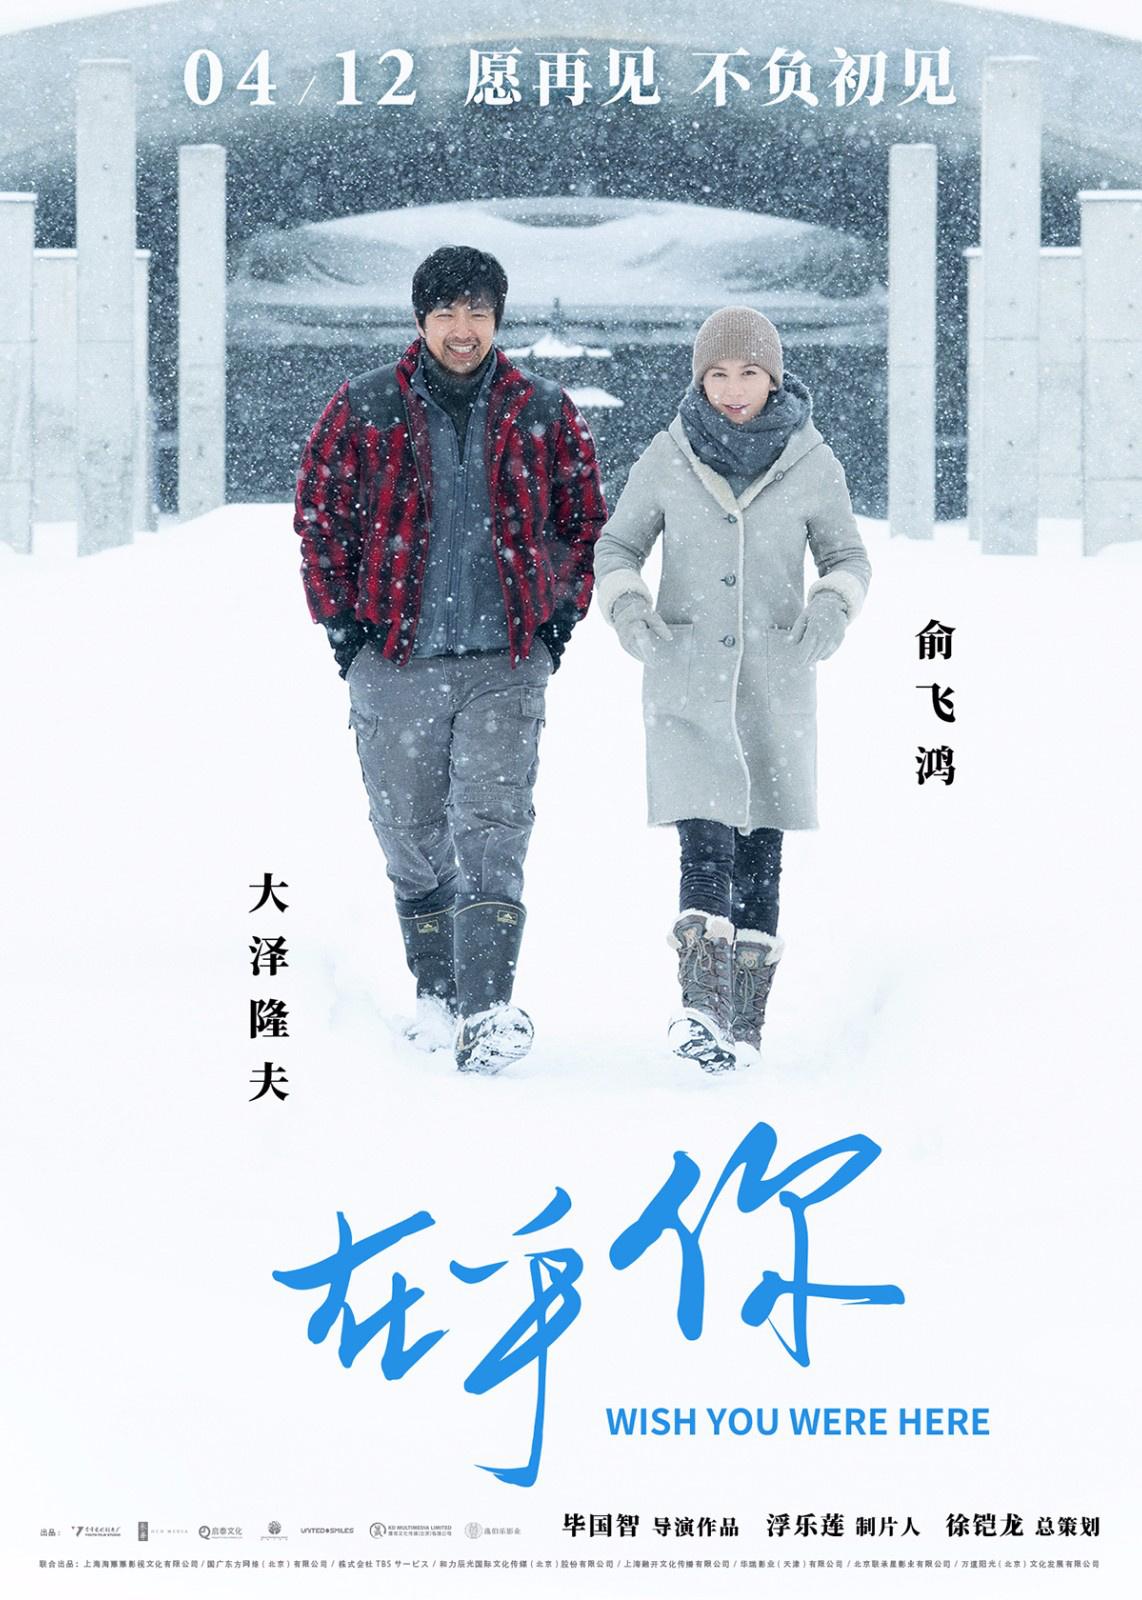 《在乎你》定档4.12曝新海报 俞飞鸿雪?#26143;?#34892;